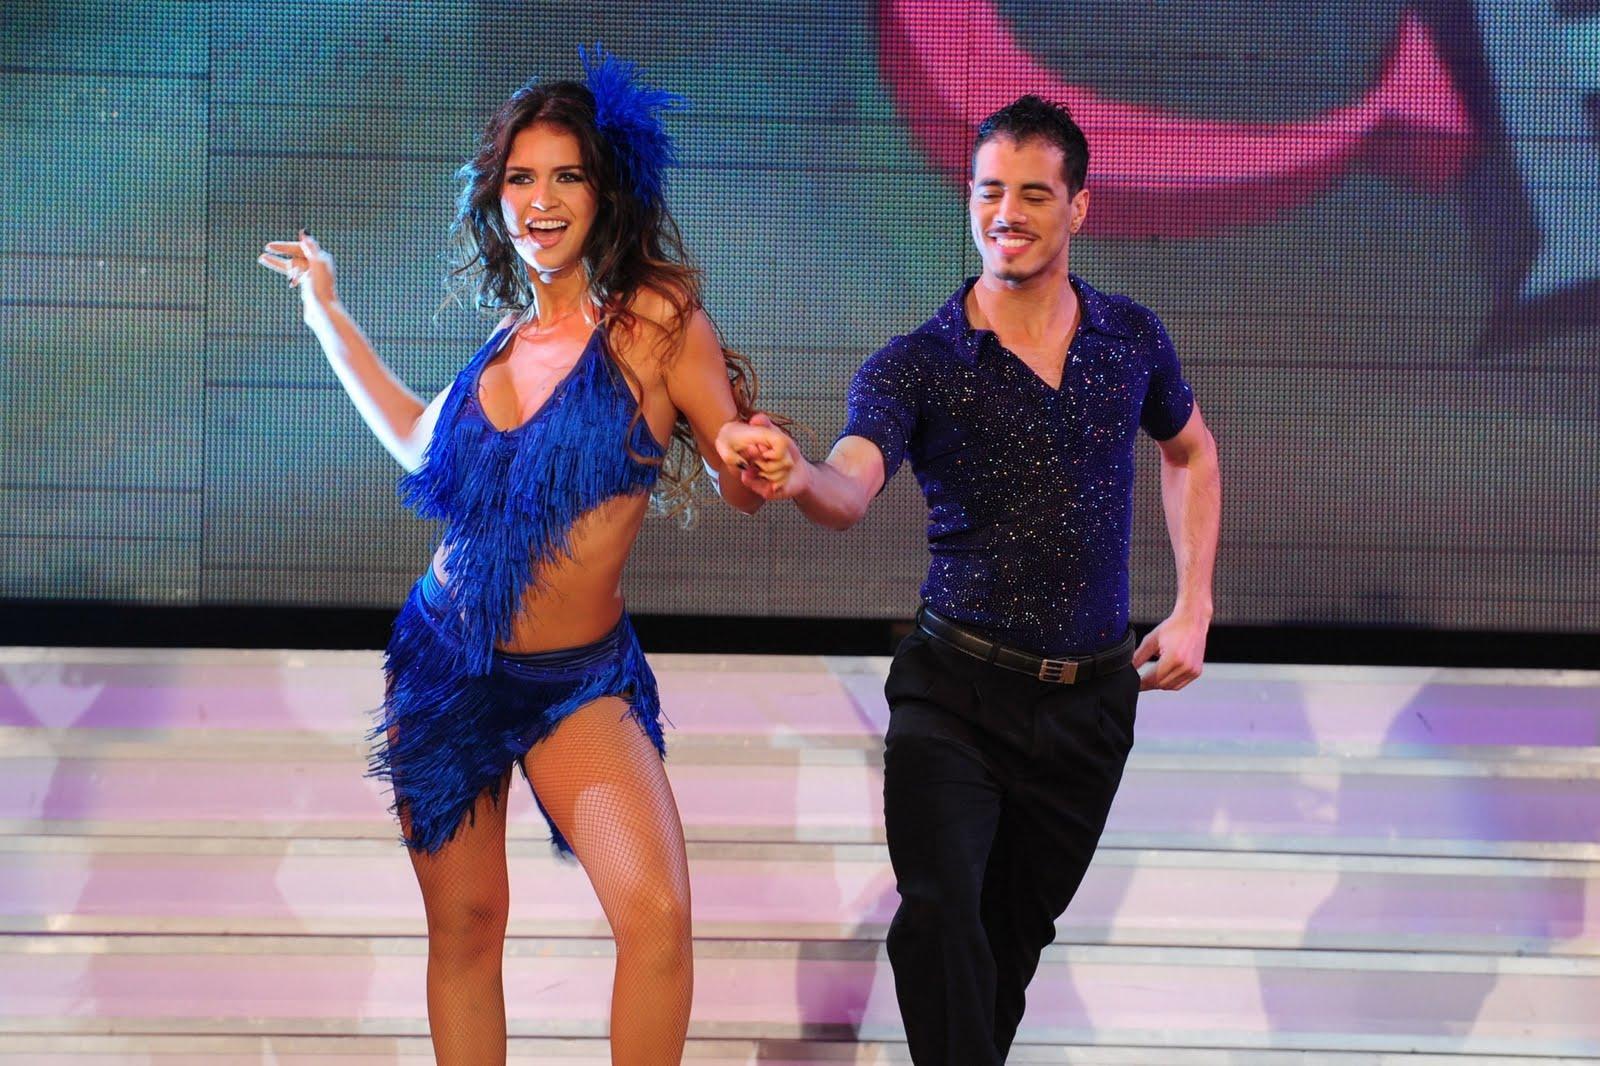 Bailandodanzas Quinta Gala De Cha Cha Cha